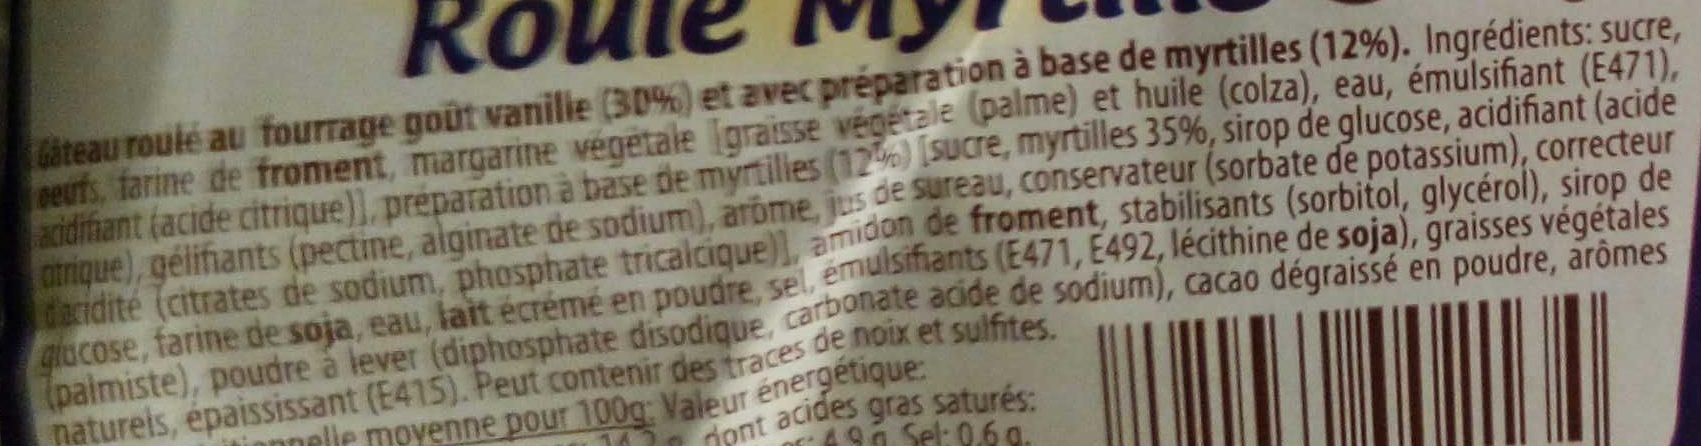 Roulé Myrtille - Ingrédients - fr